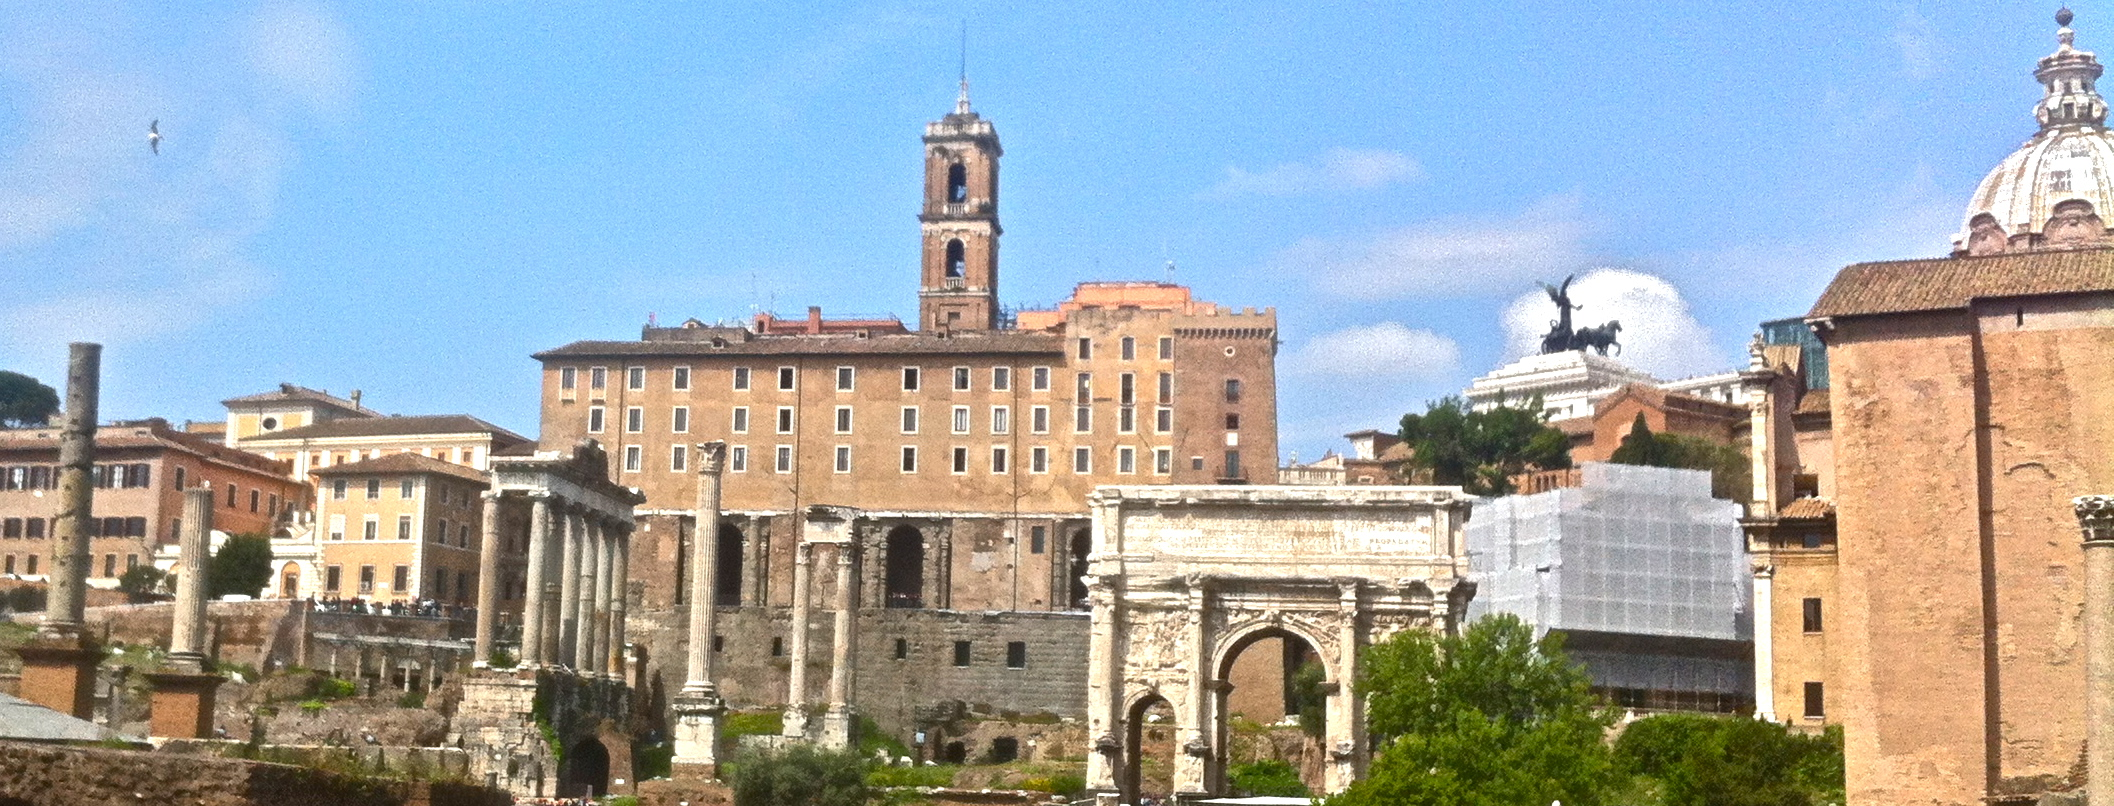 Kapitol und Forum Romanum